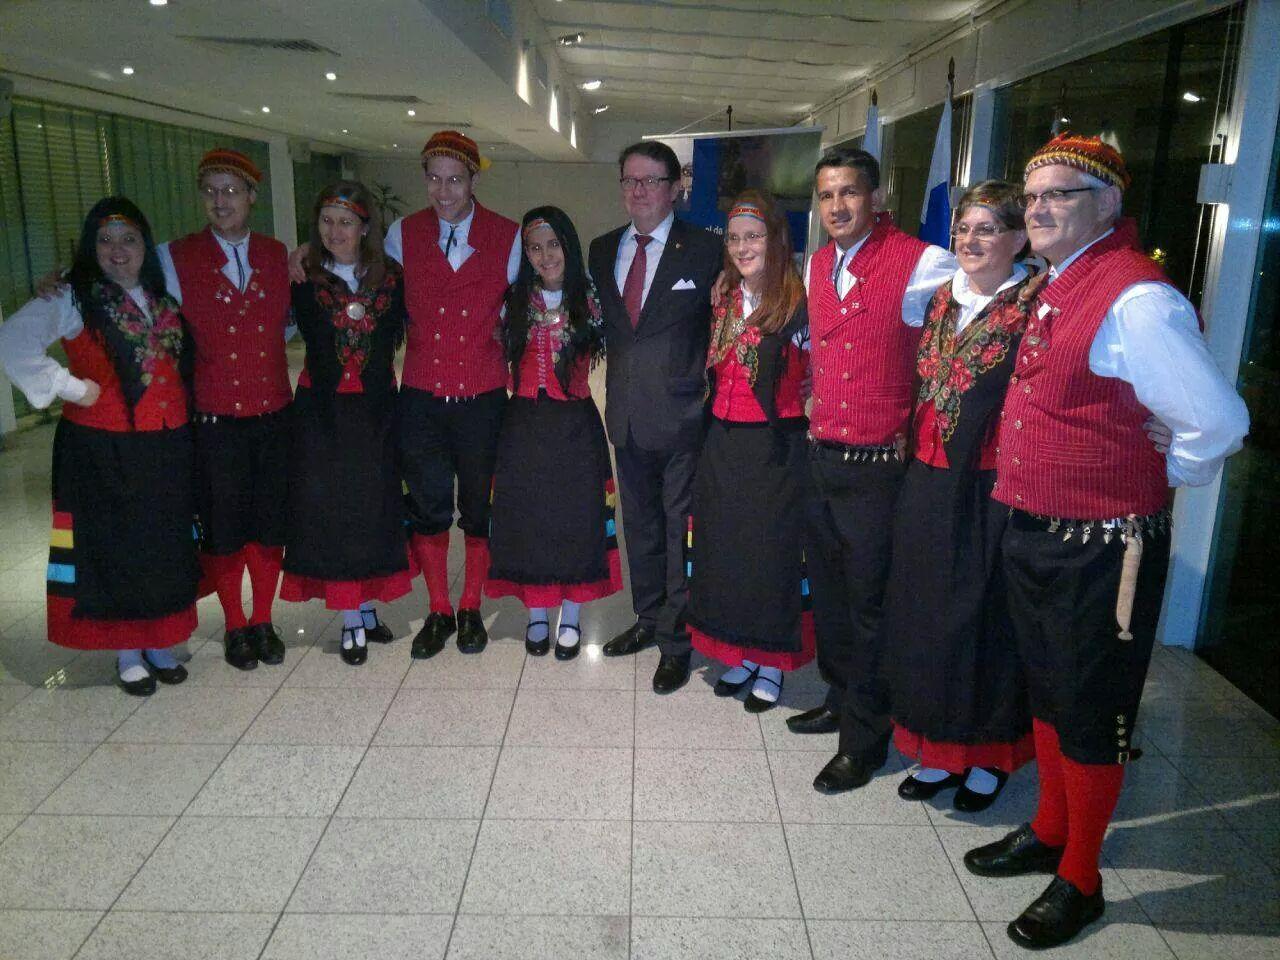 Baile do Clube de dança folclórico Filandês